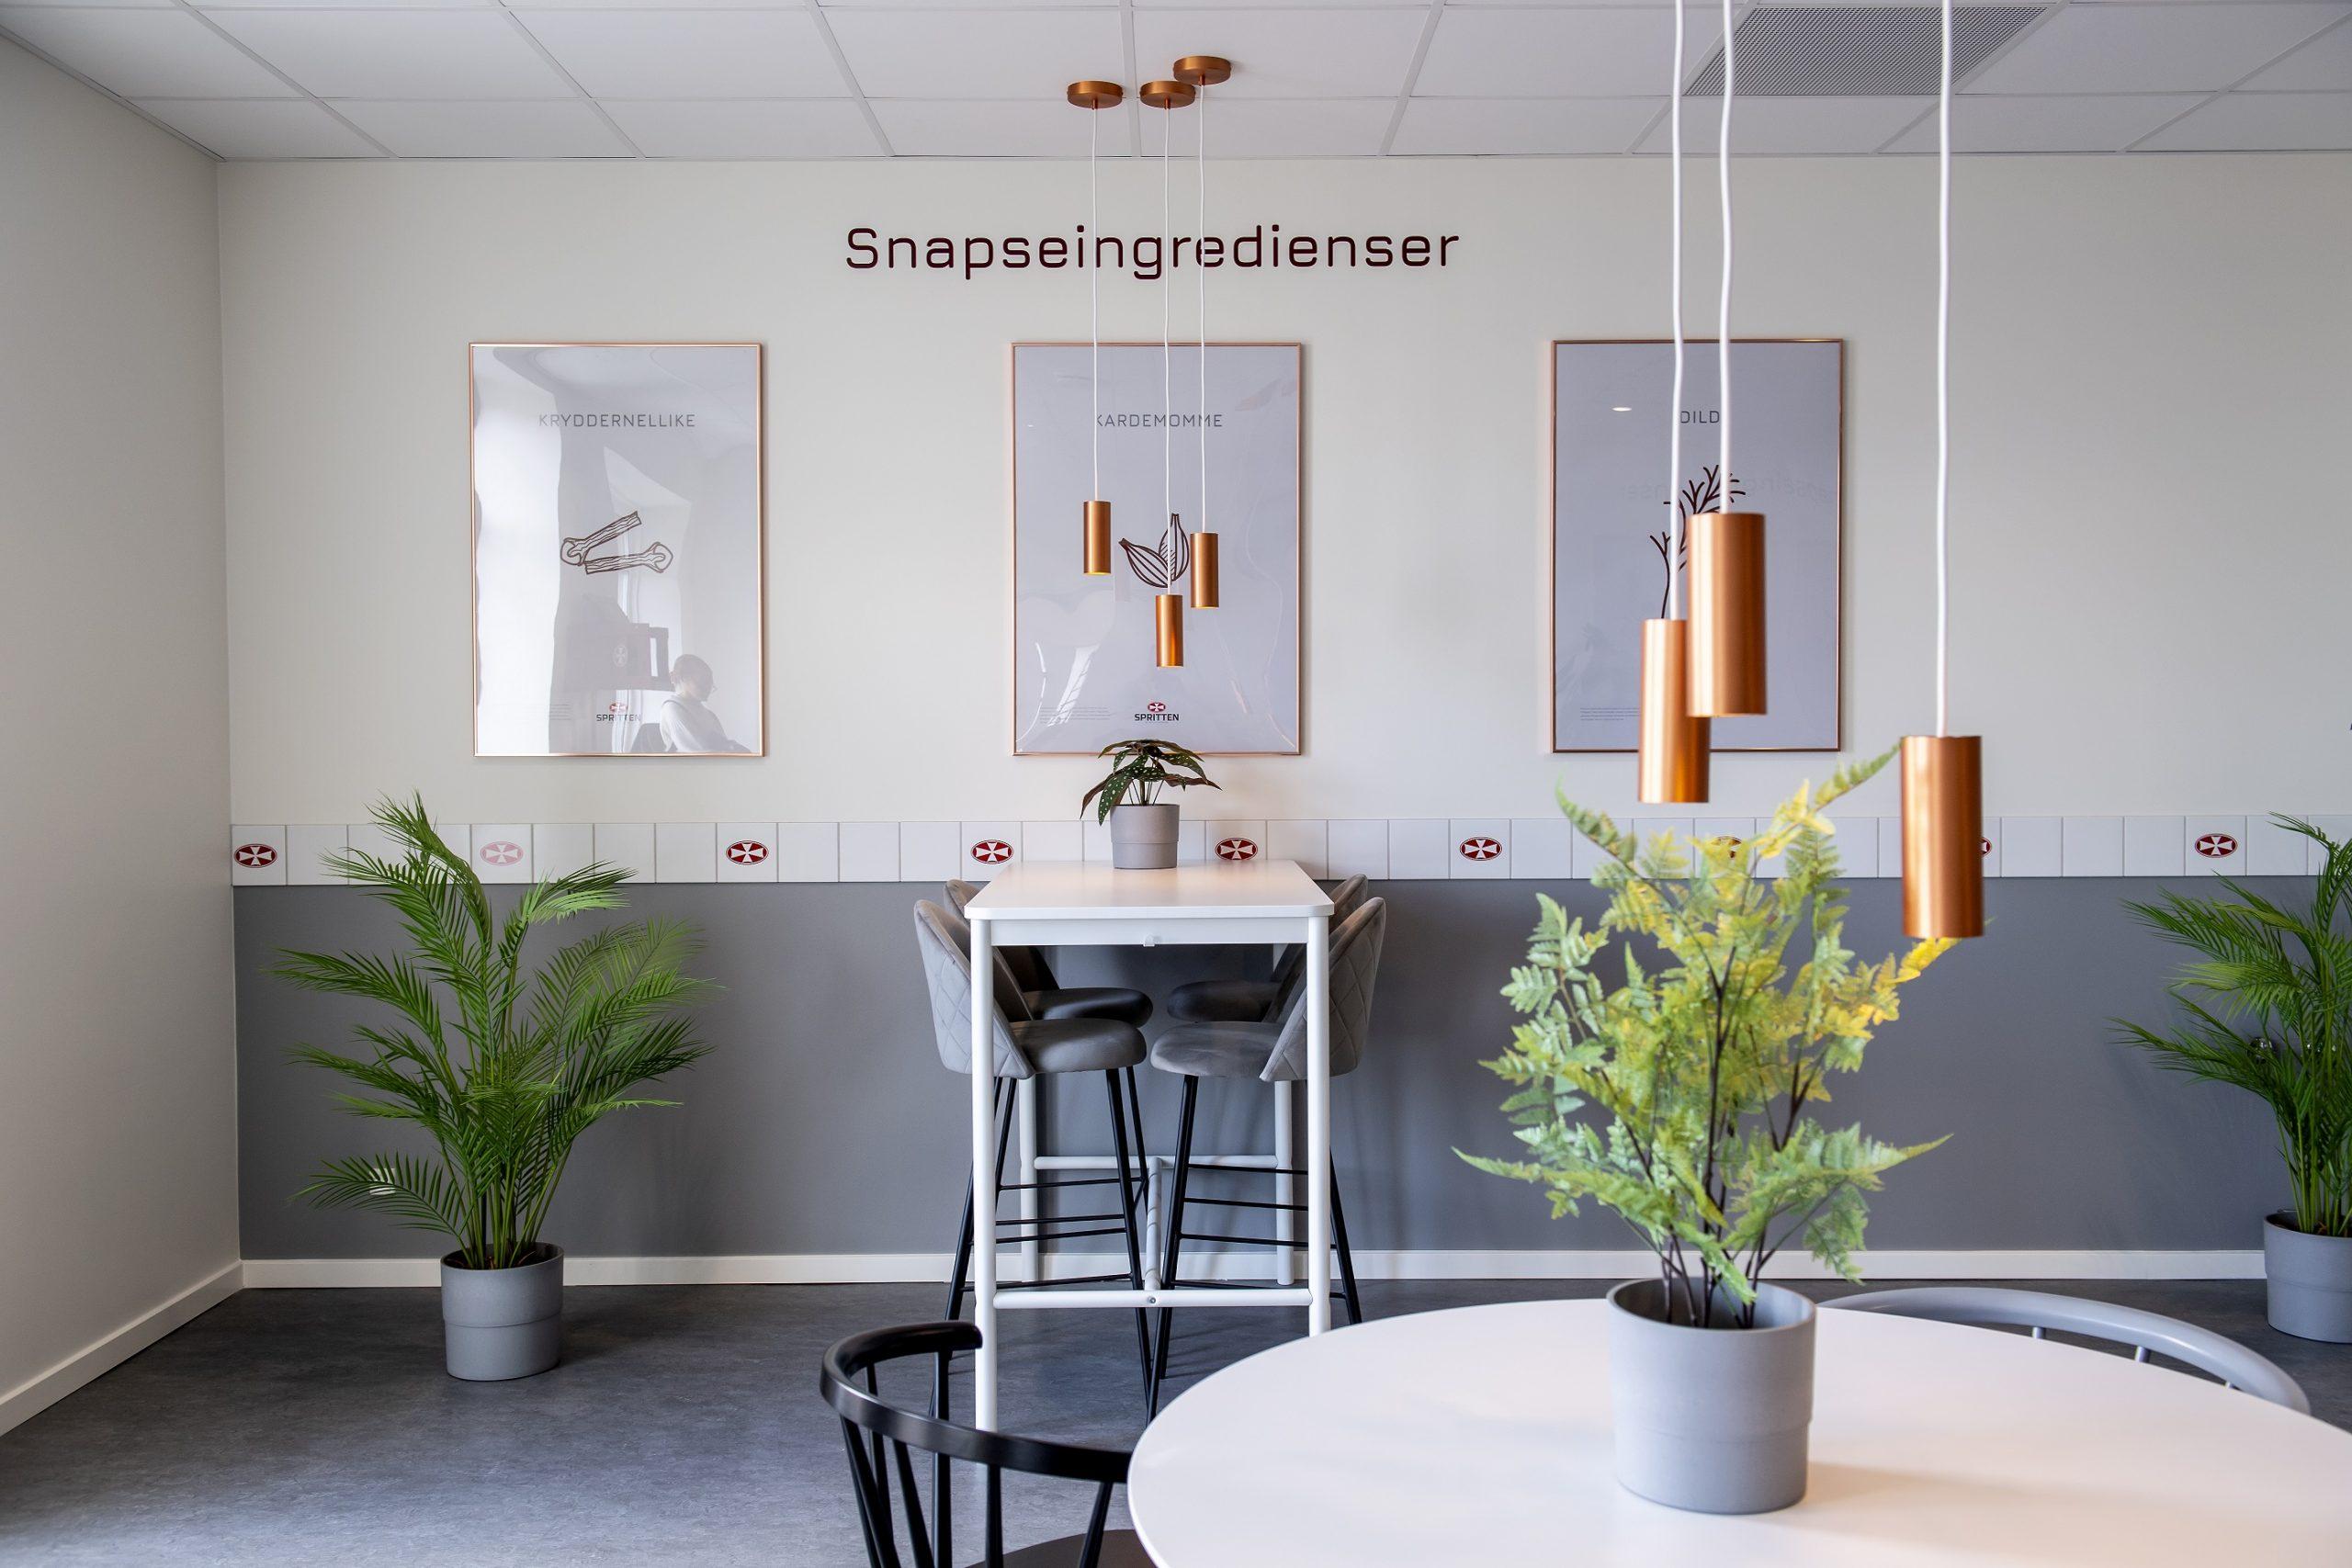 Stadig fart på Spritten-bydel: Nye boliger solgt og udlejet på rekordtid